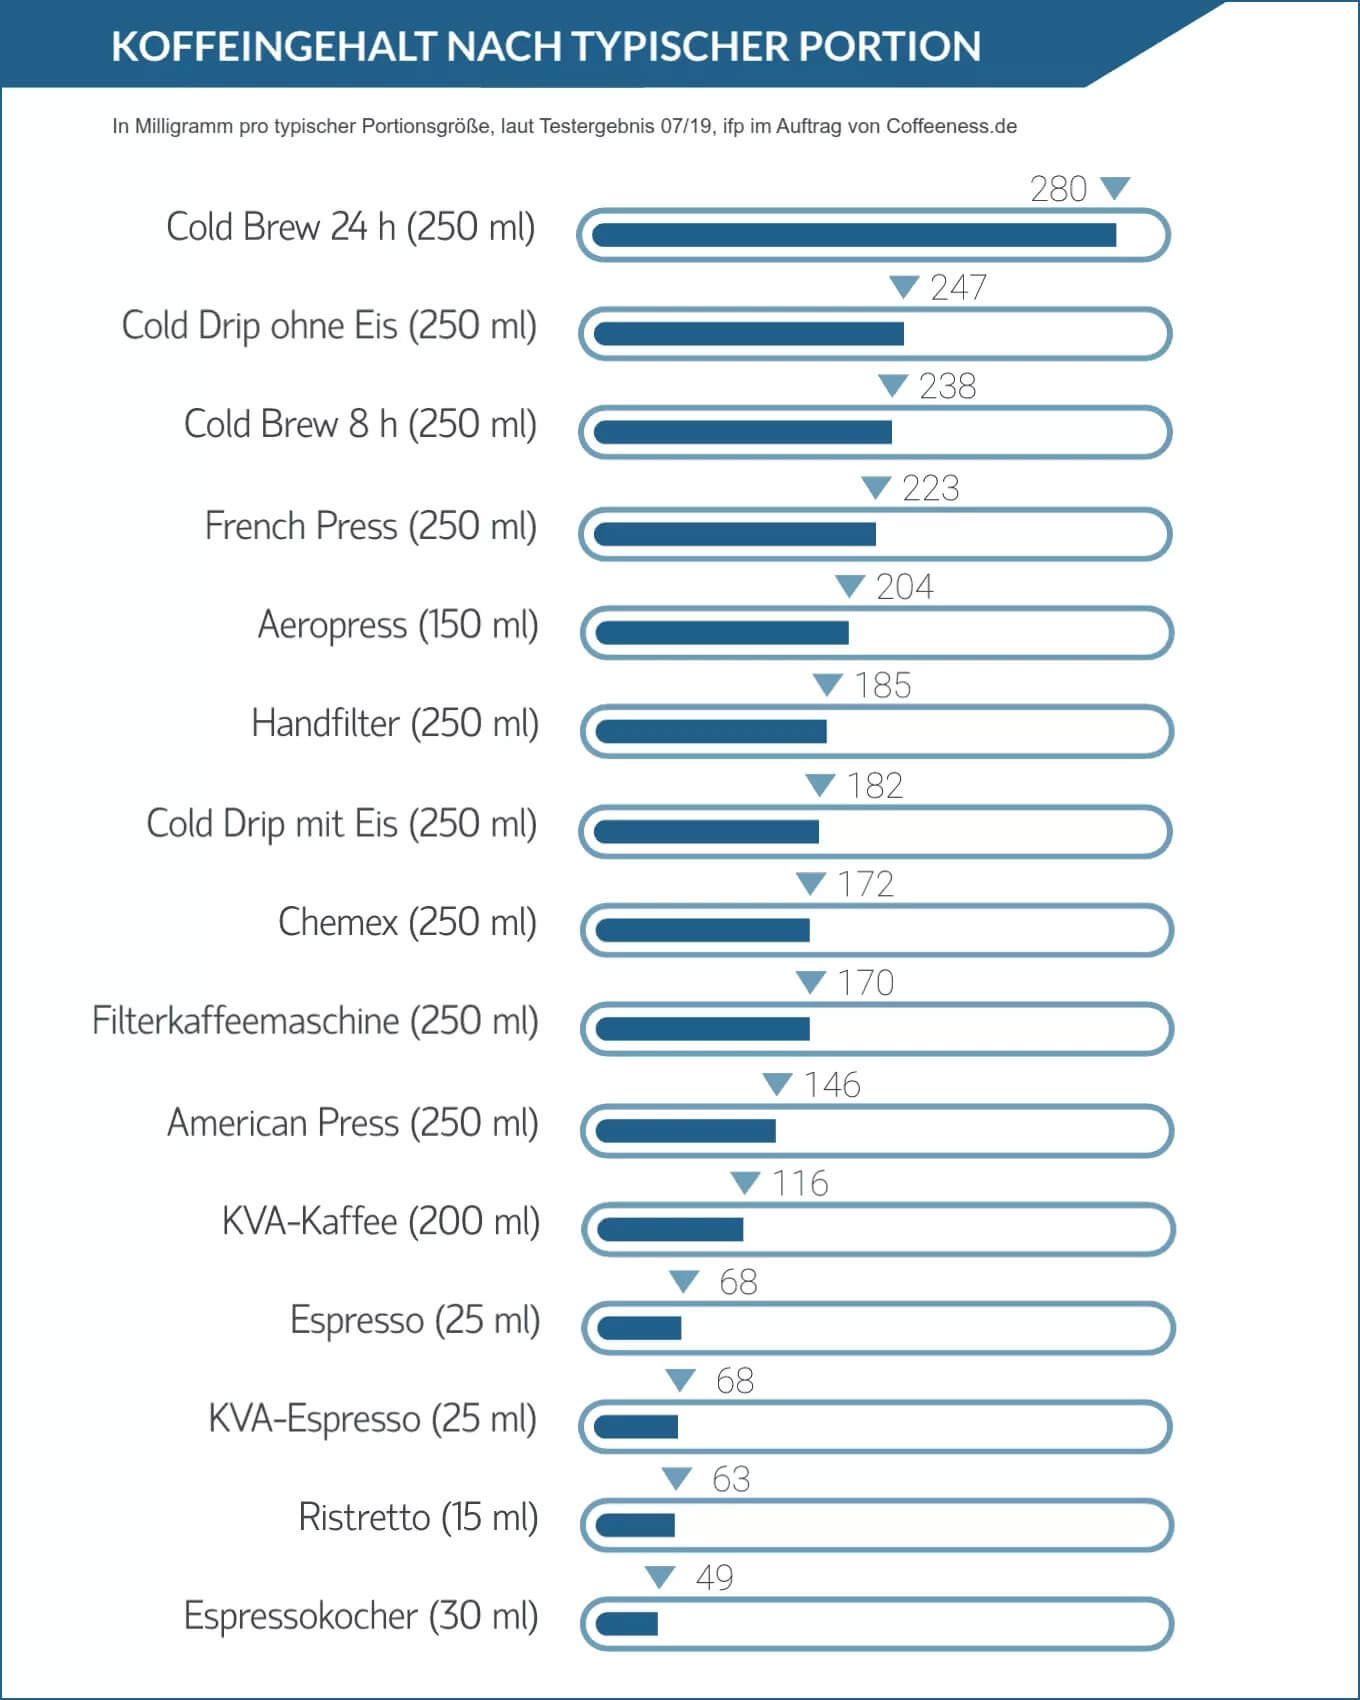 Infografik: Wie viel Koffeein ist im Kaffee nach üblicher Portionsgröße